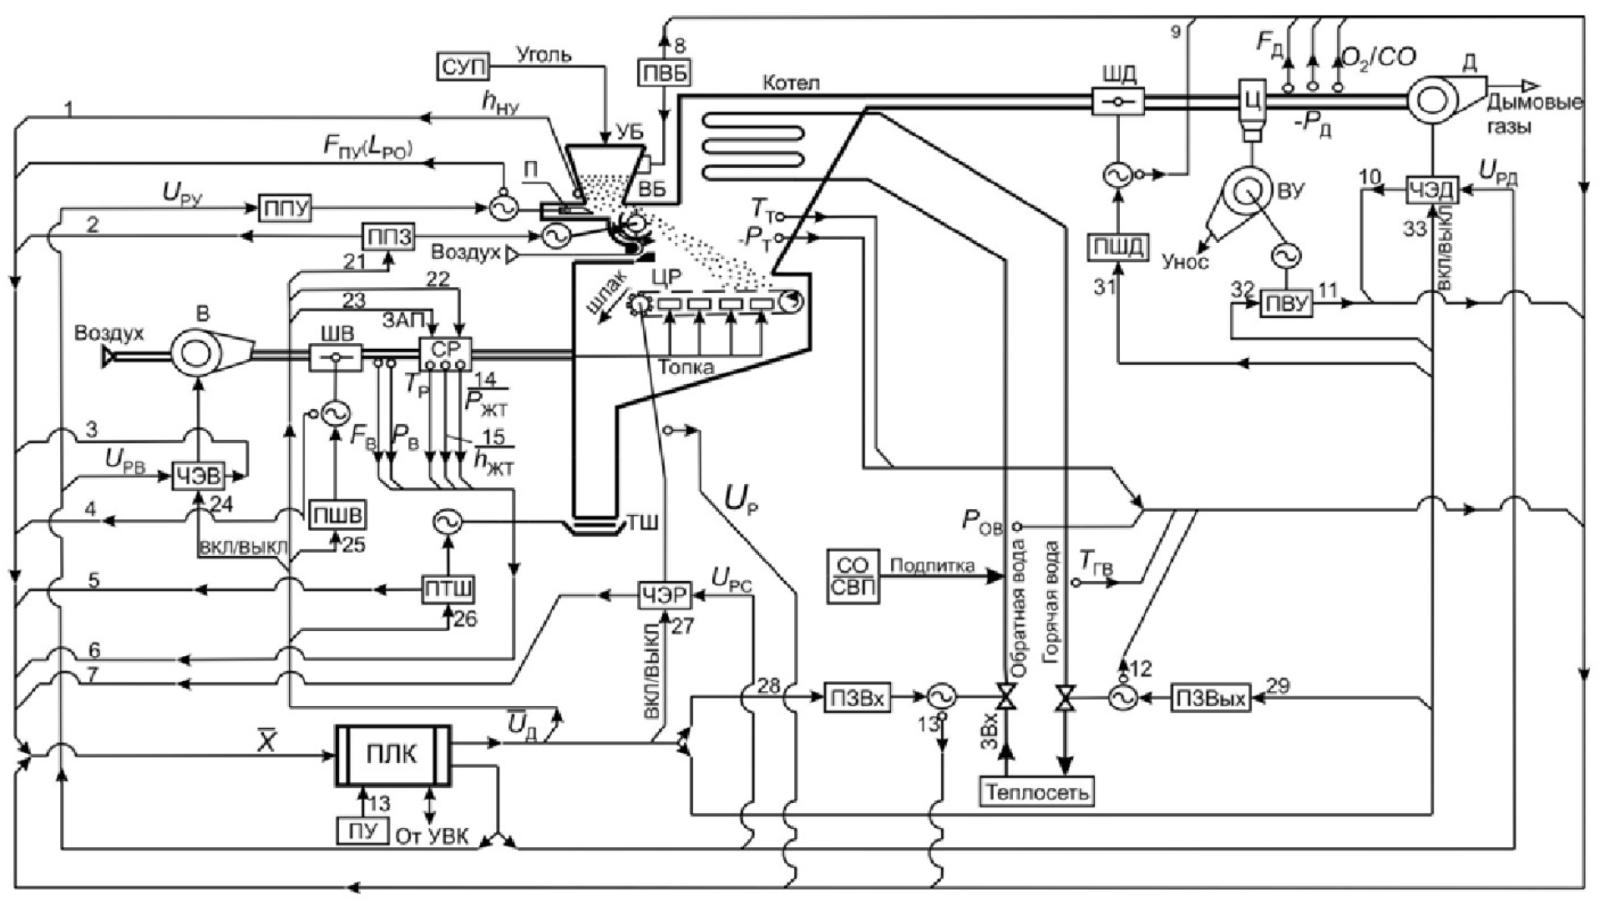 Микропроцессорная система автоматизации водогрейного котельного агрегата для работы на угле 1